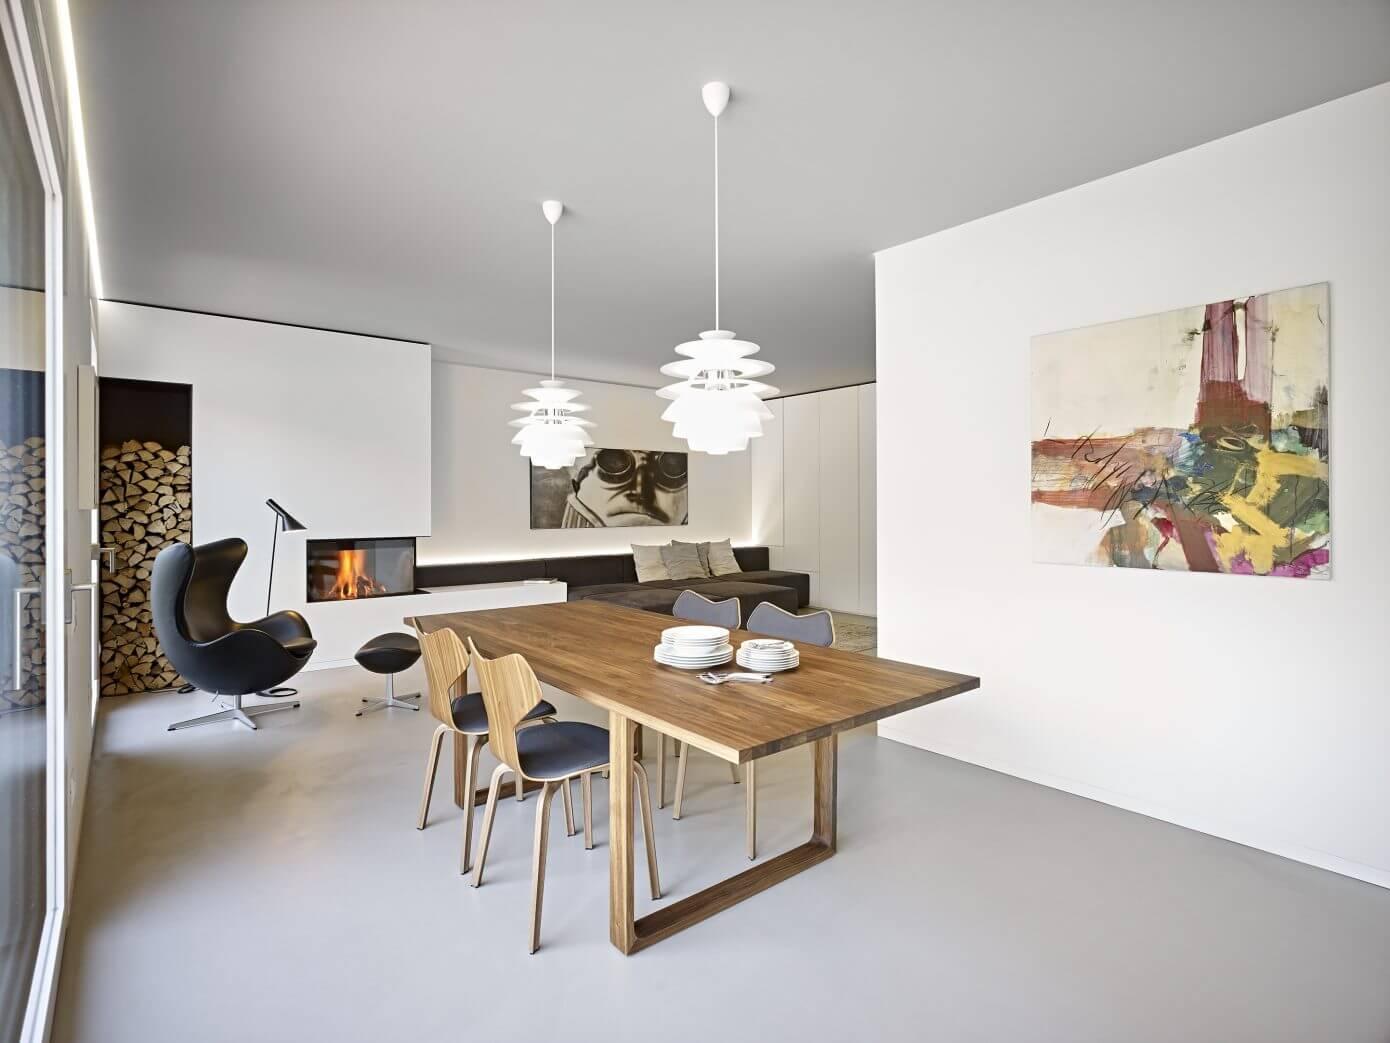 002 Apartment Cw Burnazzi Feltrin Architetti 171 Homeadore